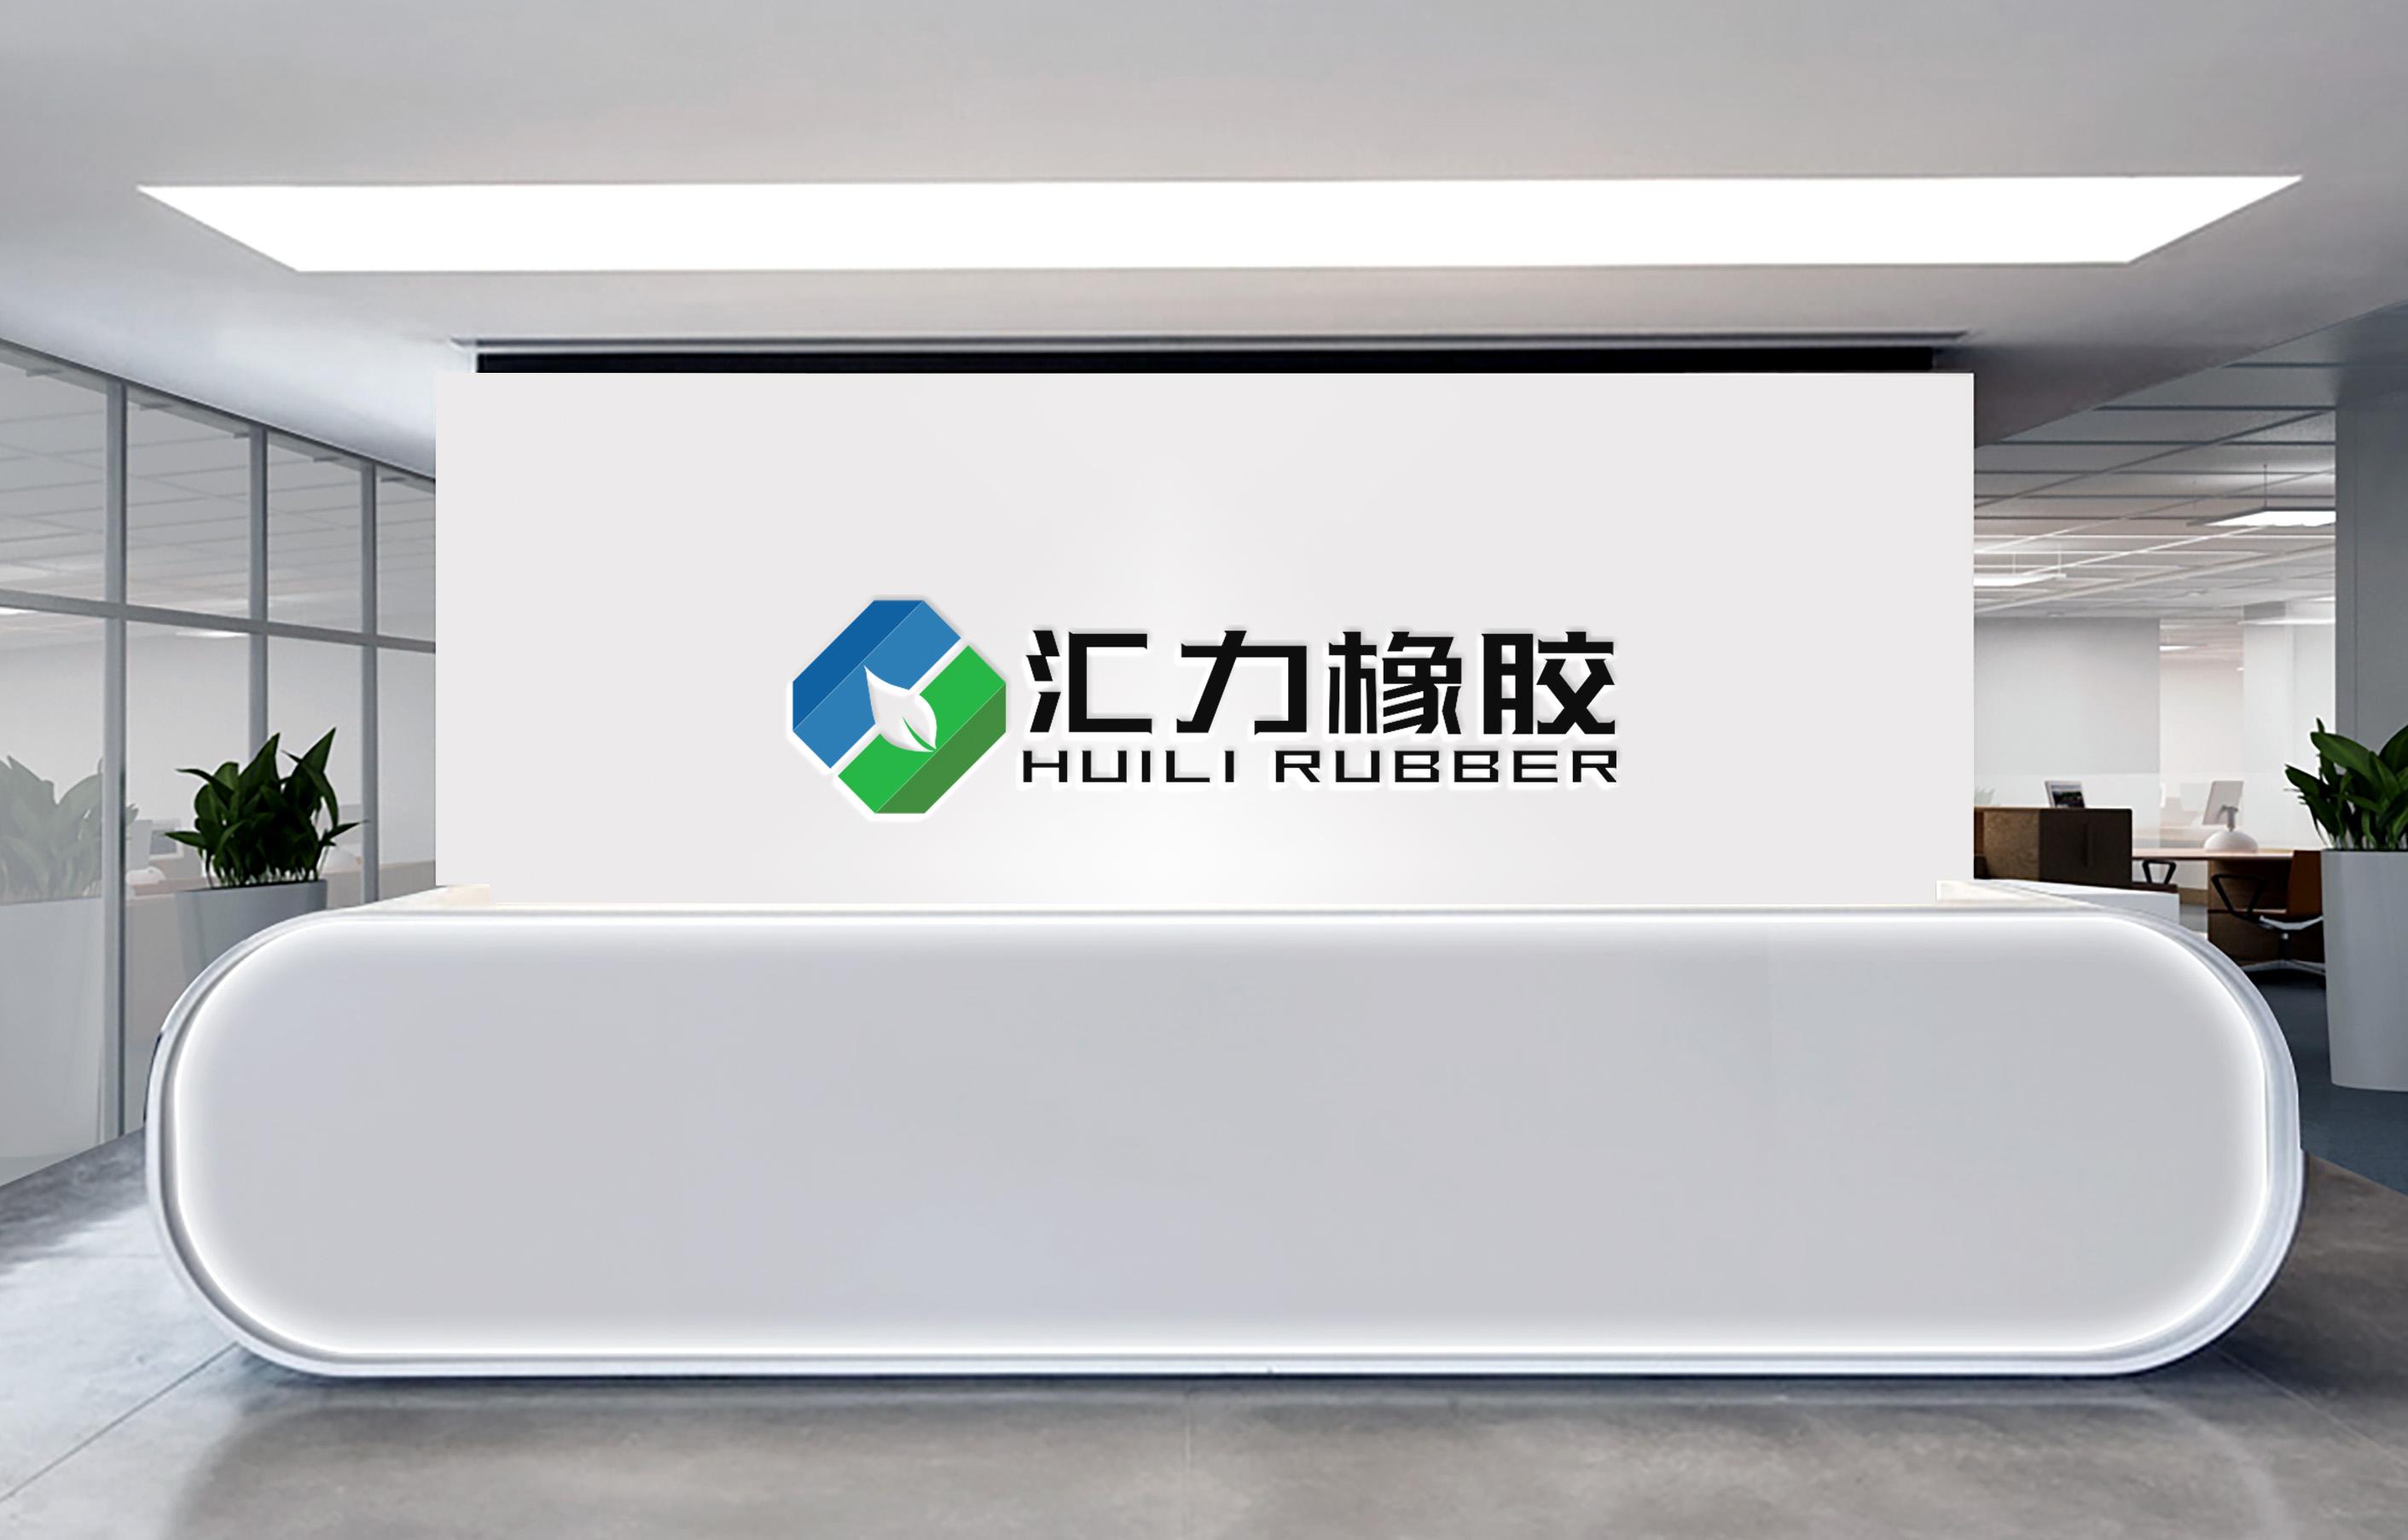 汇力橡胶科技公司征集LOGO_3038104_k68威客网